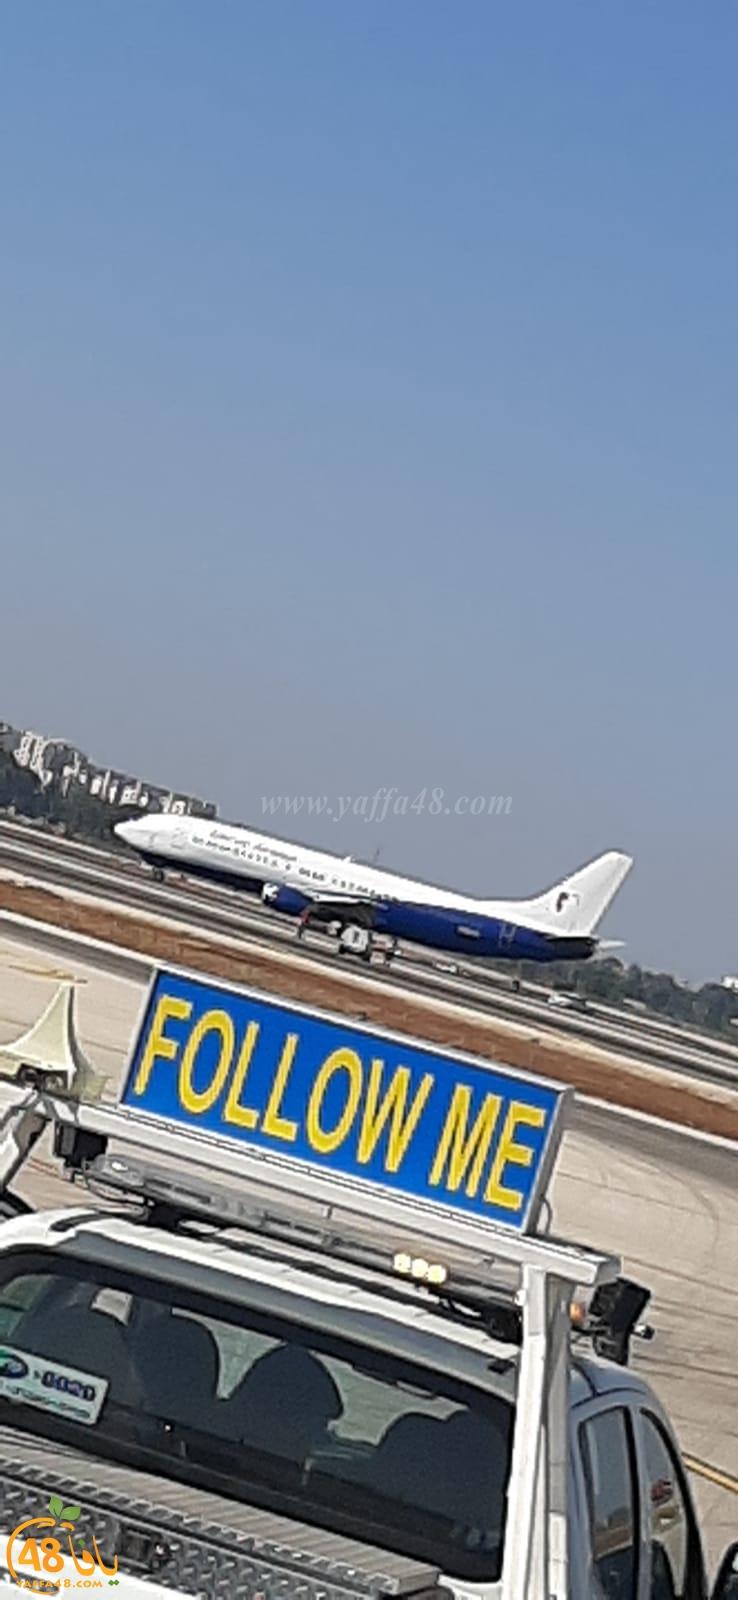 بعد اعلان حالة الطوارئ - الطائرة الألمانية تهبط بسلام في مطار بن غوريون